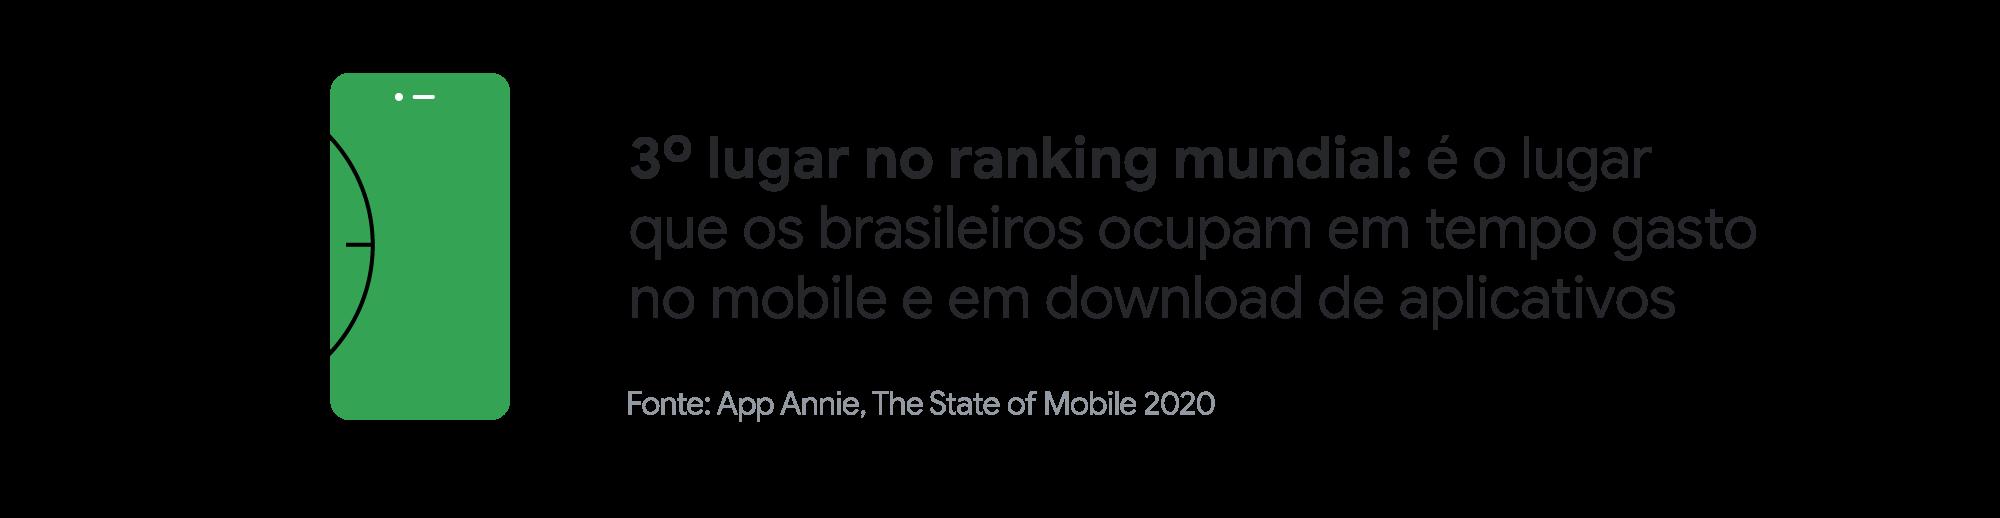 Um guia para você ampliar seus negócios no mobile